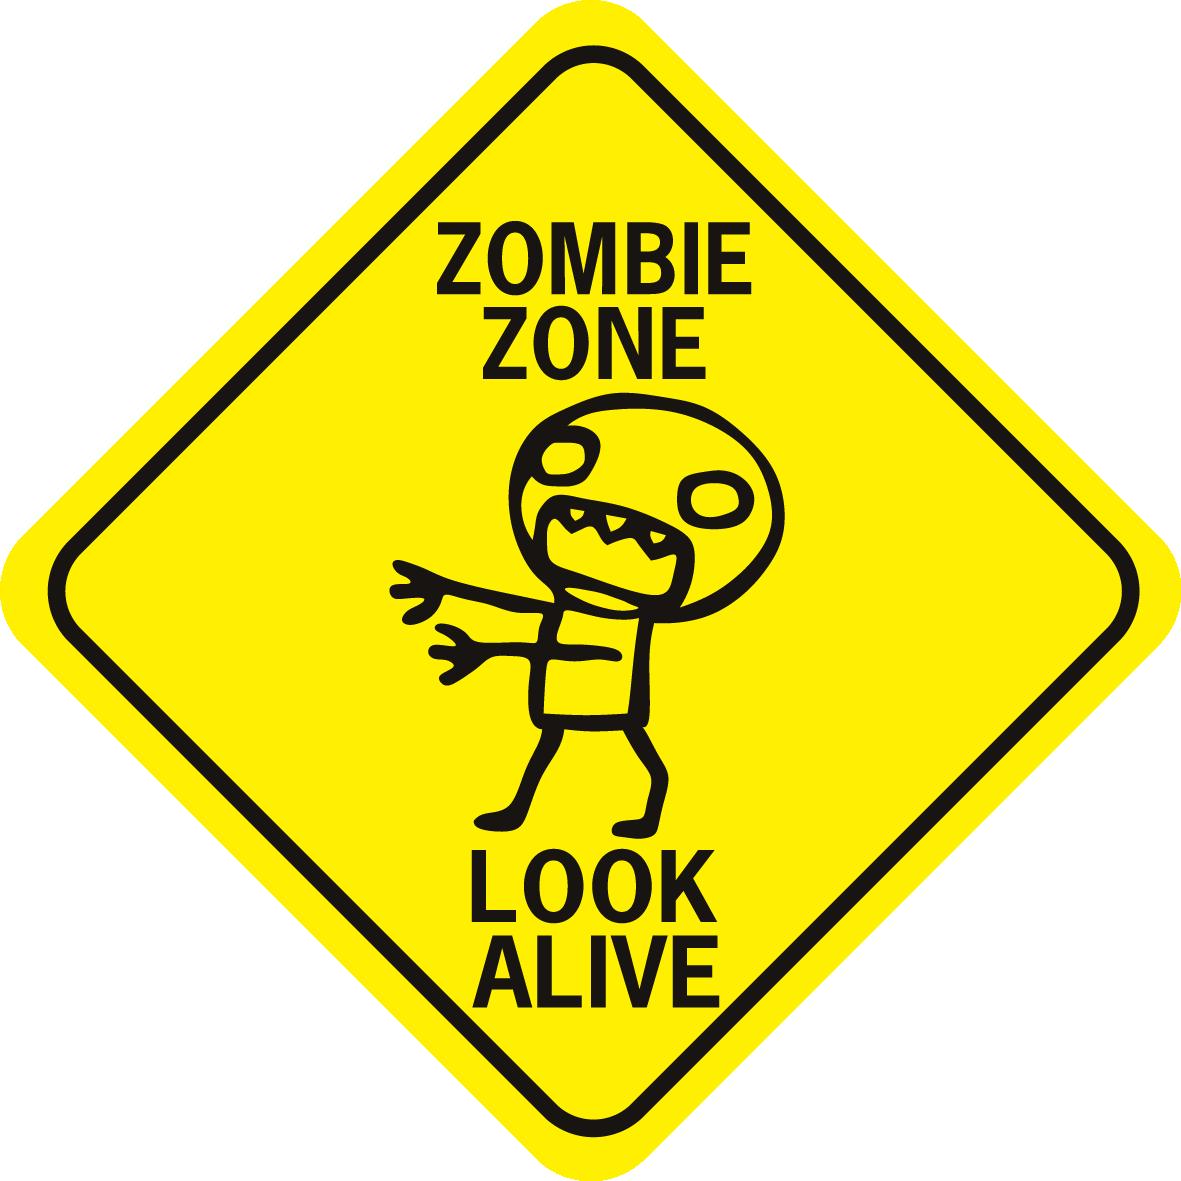 zombie zone look alive diamond